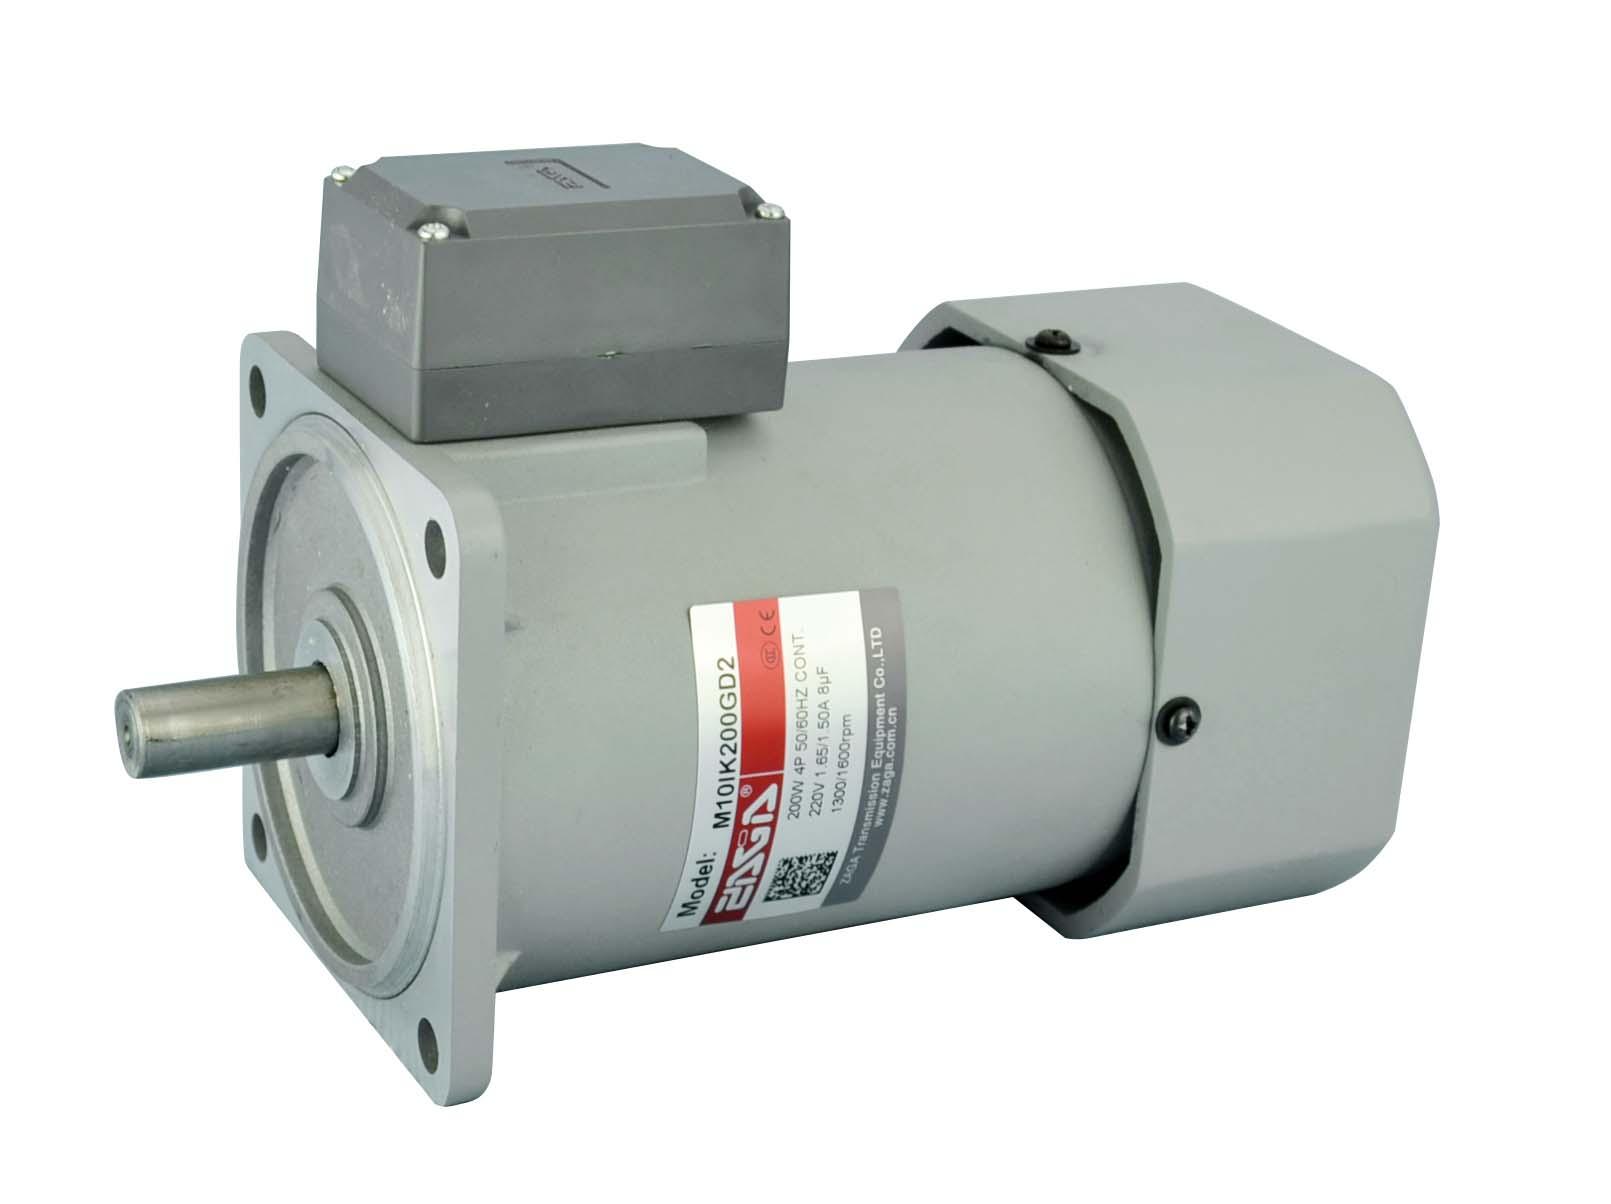 买合格的标准电机,就选上海津驰自动化设备|标准电机供应